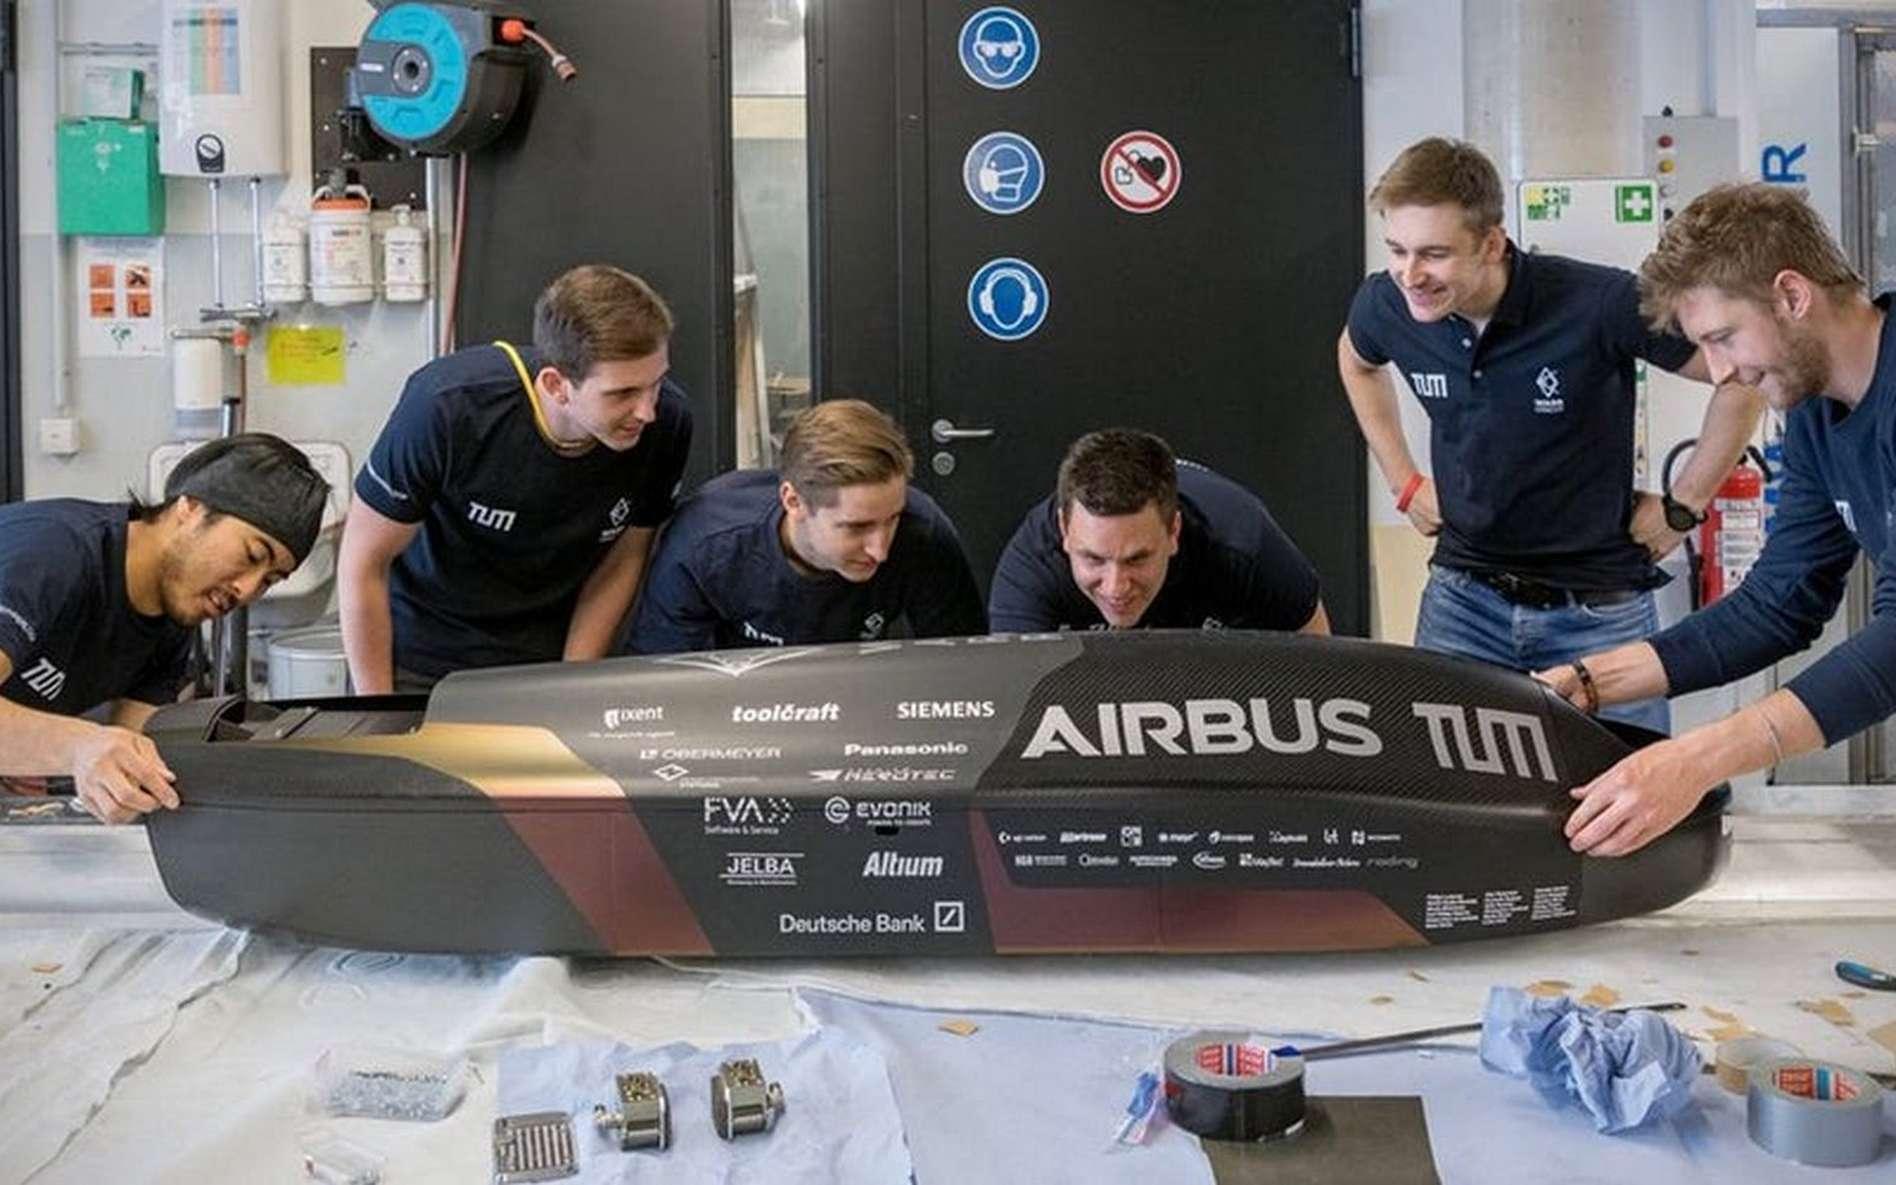 La capsule en fibre de carbone de l'équipe allemande Warr Hyperloop. © Warr Hyperloop